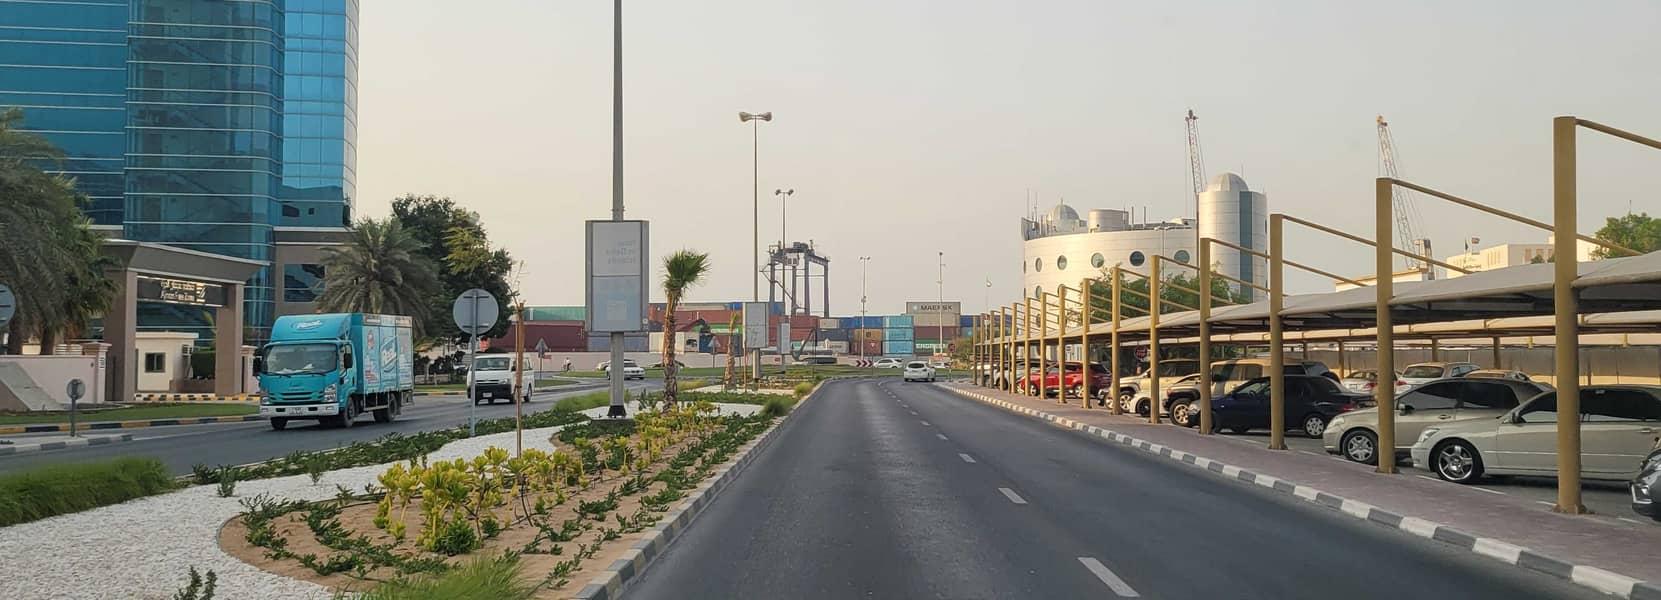 7 land for sale in ajman opposit ajman port